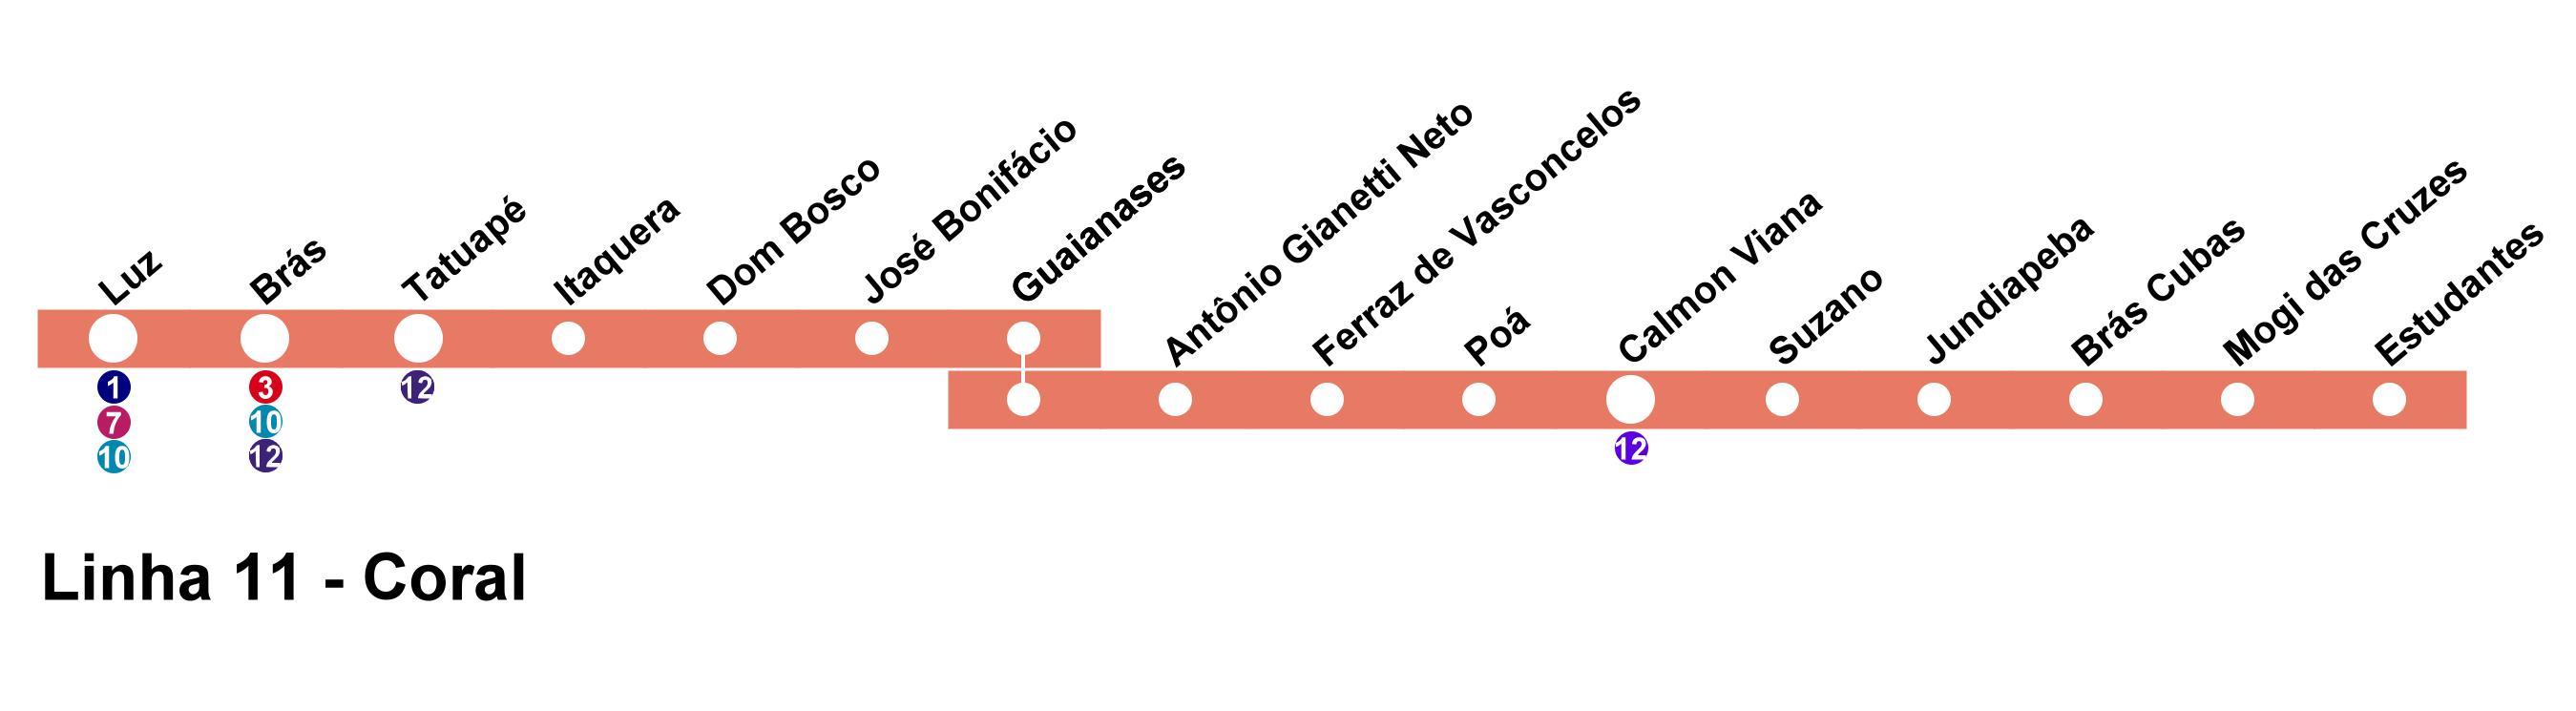 Estação Dom Bosco da CPTM - Linha 11 Coral Mapa